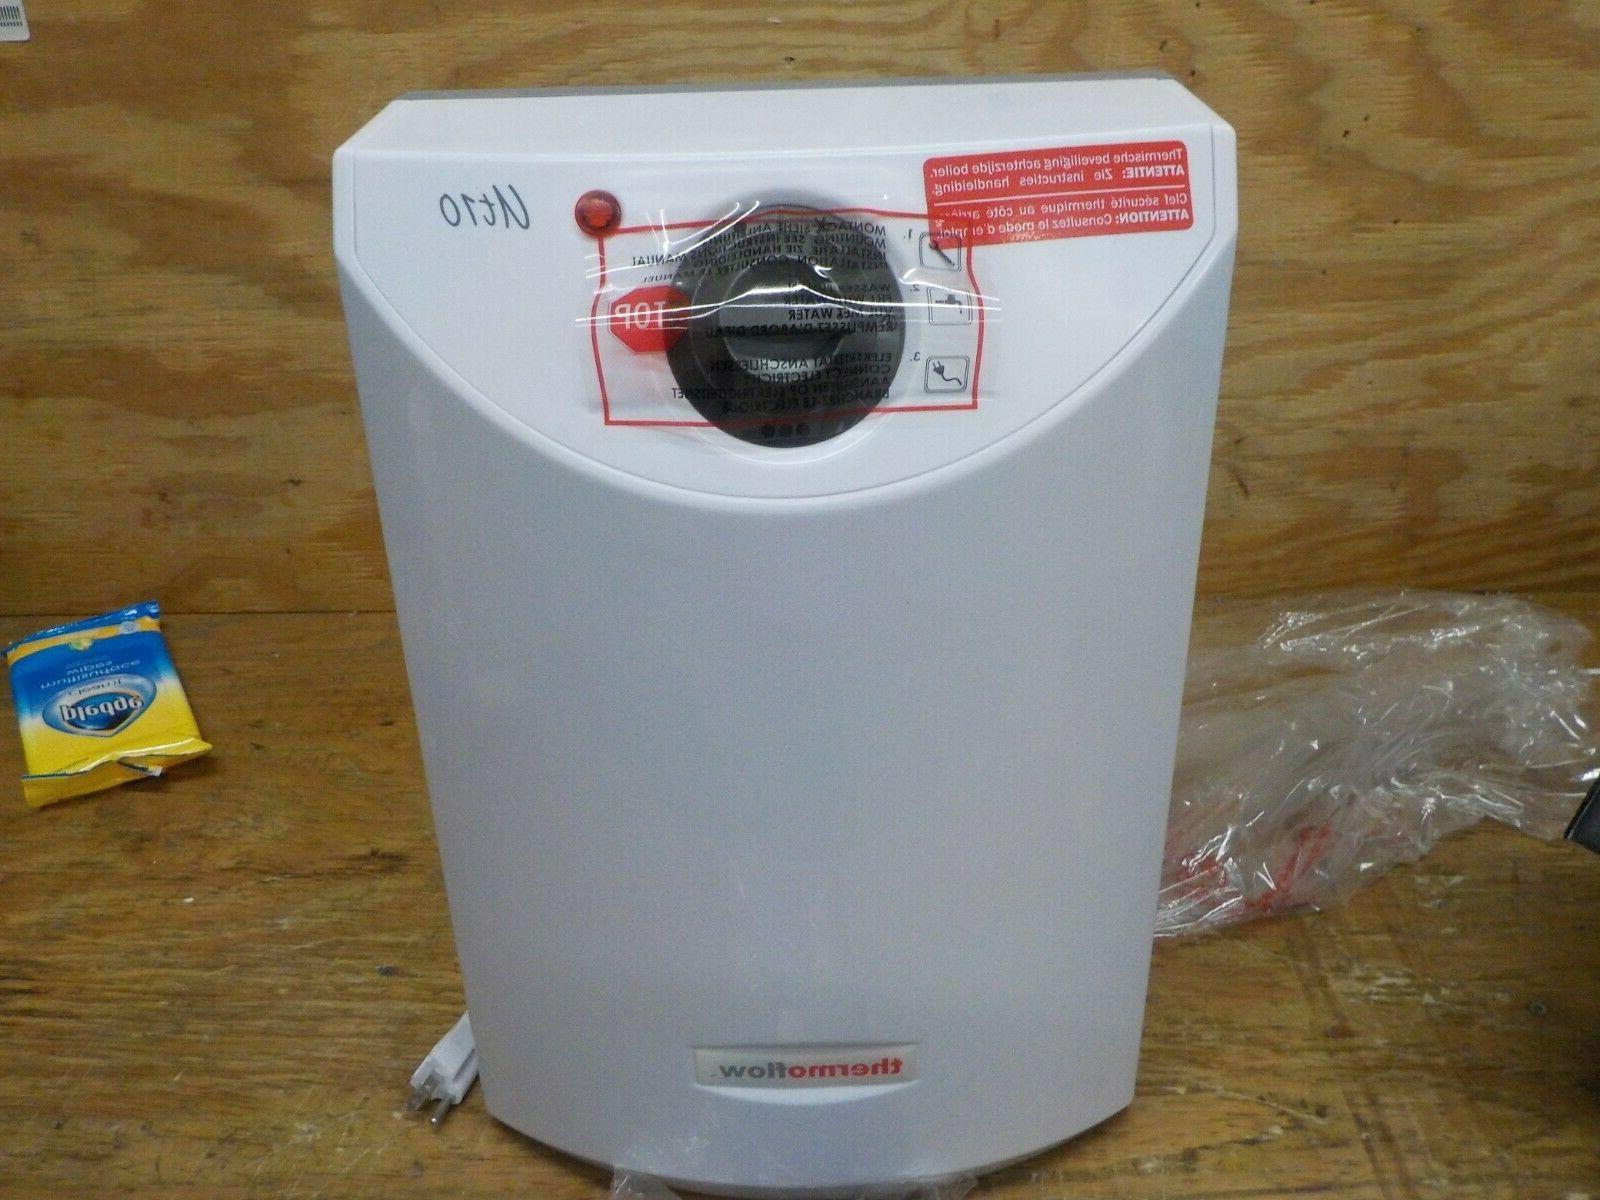 Thermoflow UT10 Mini-Tank Heater, at